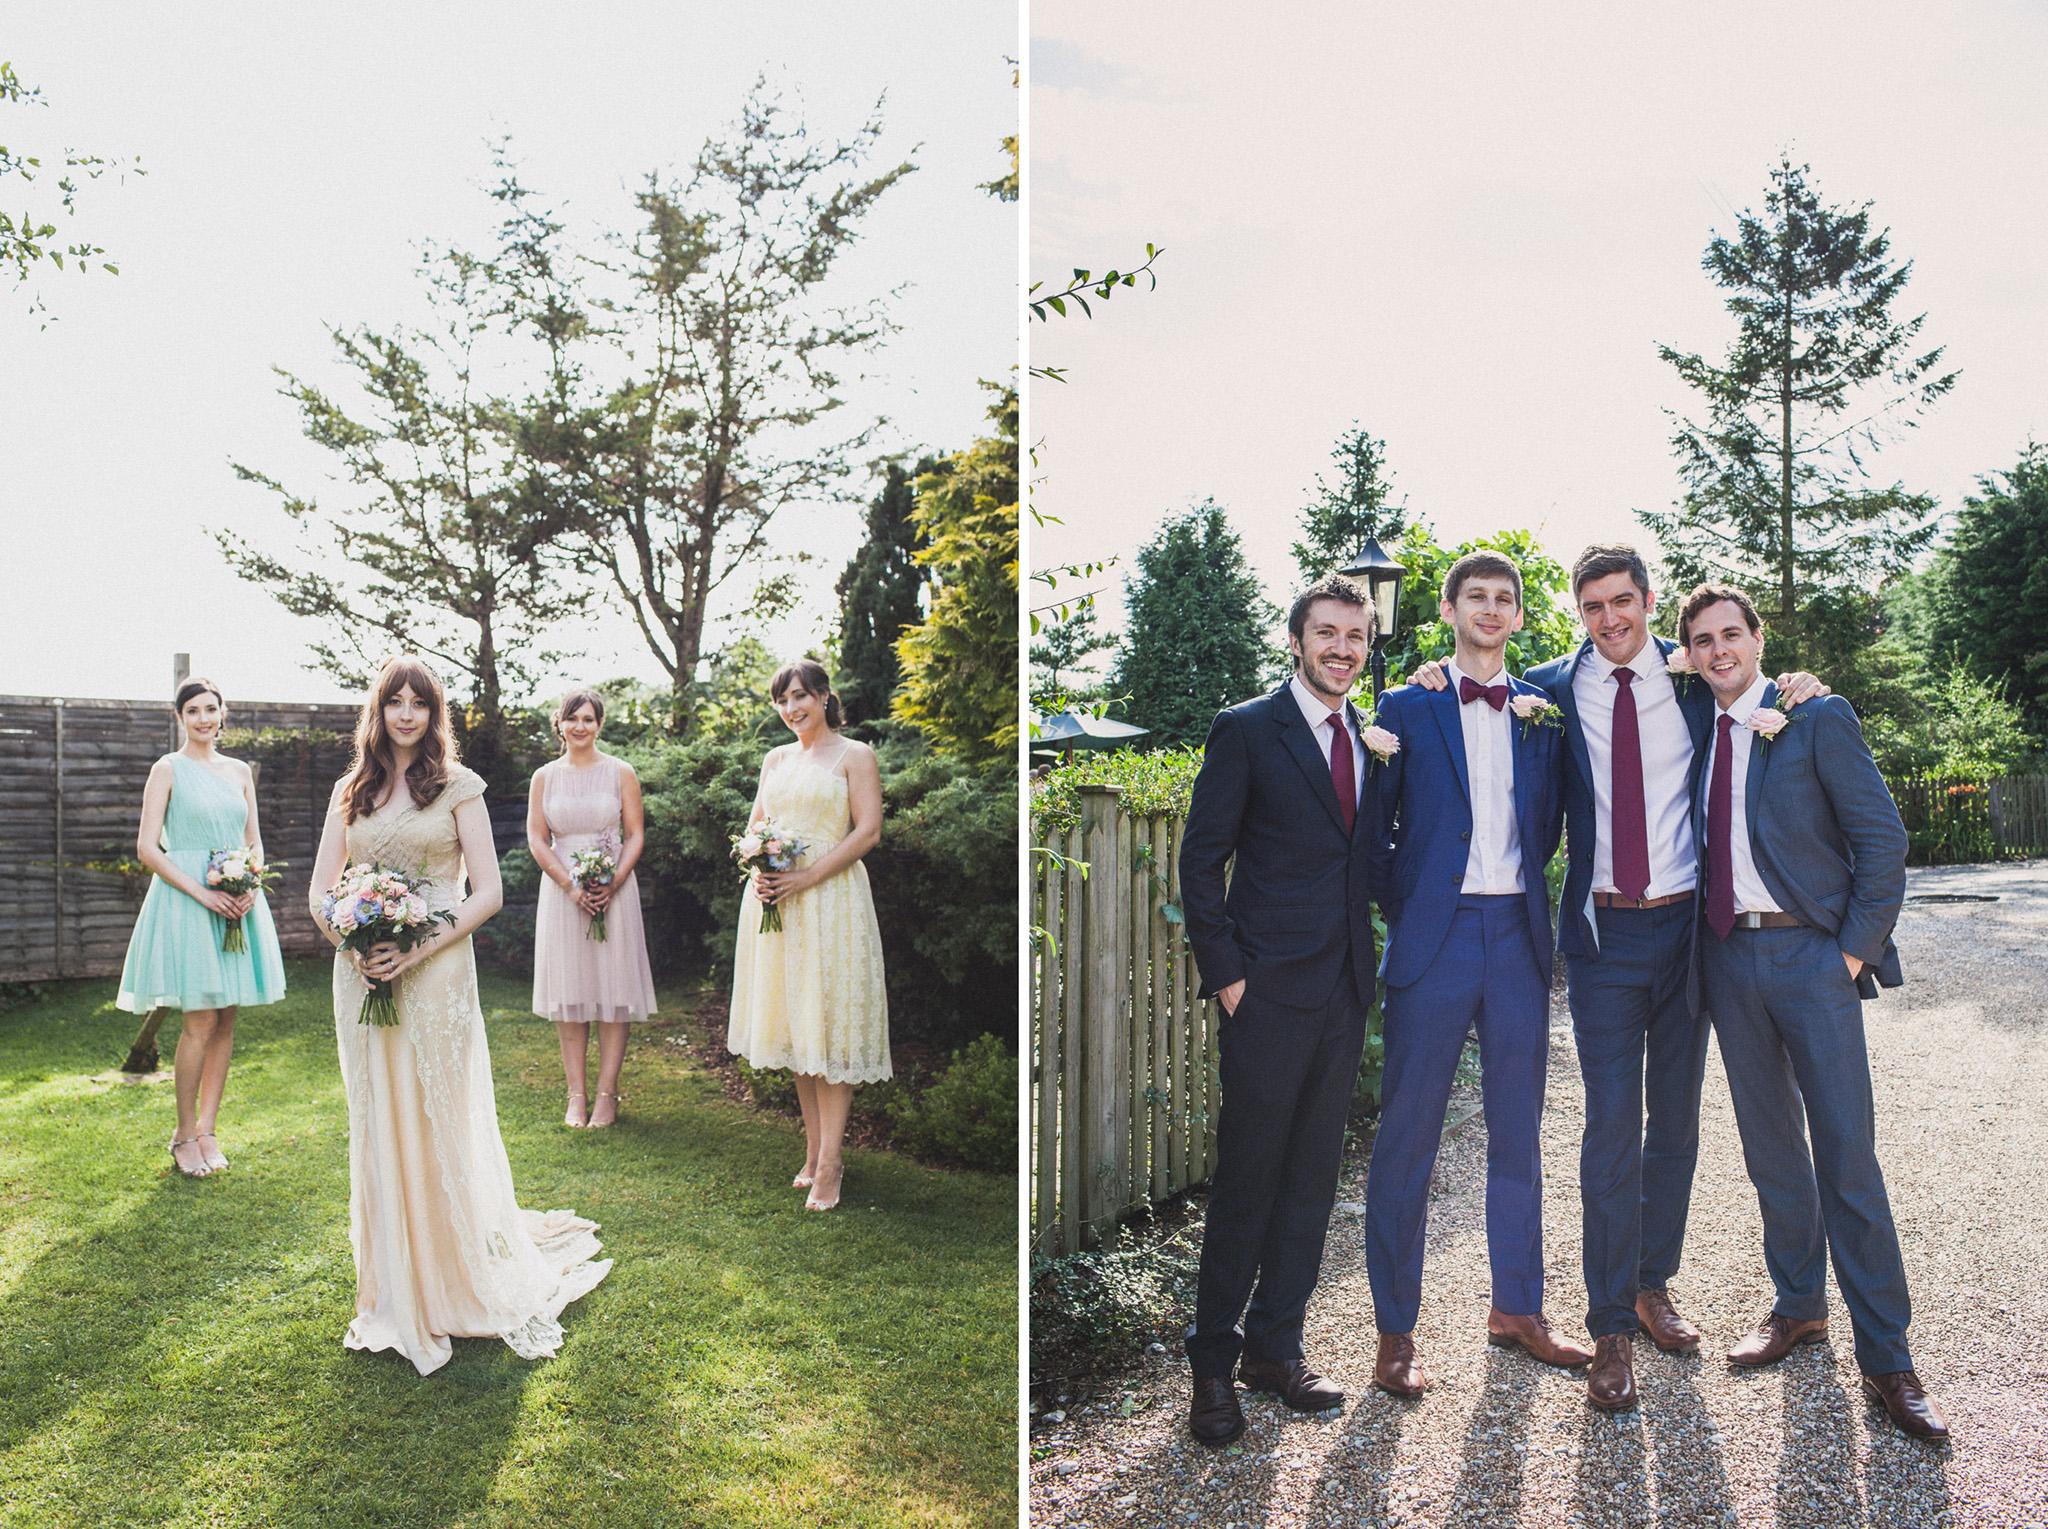 lewes_wedding_photographer_0063.jpg